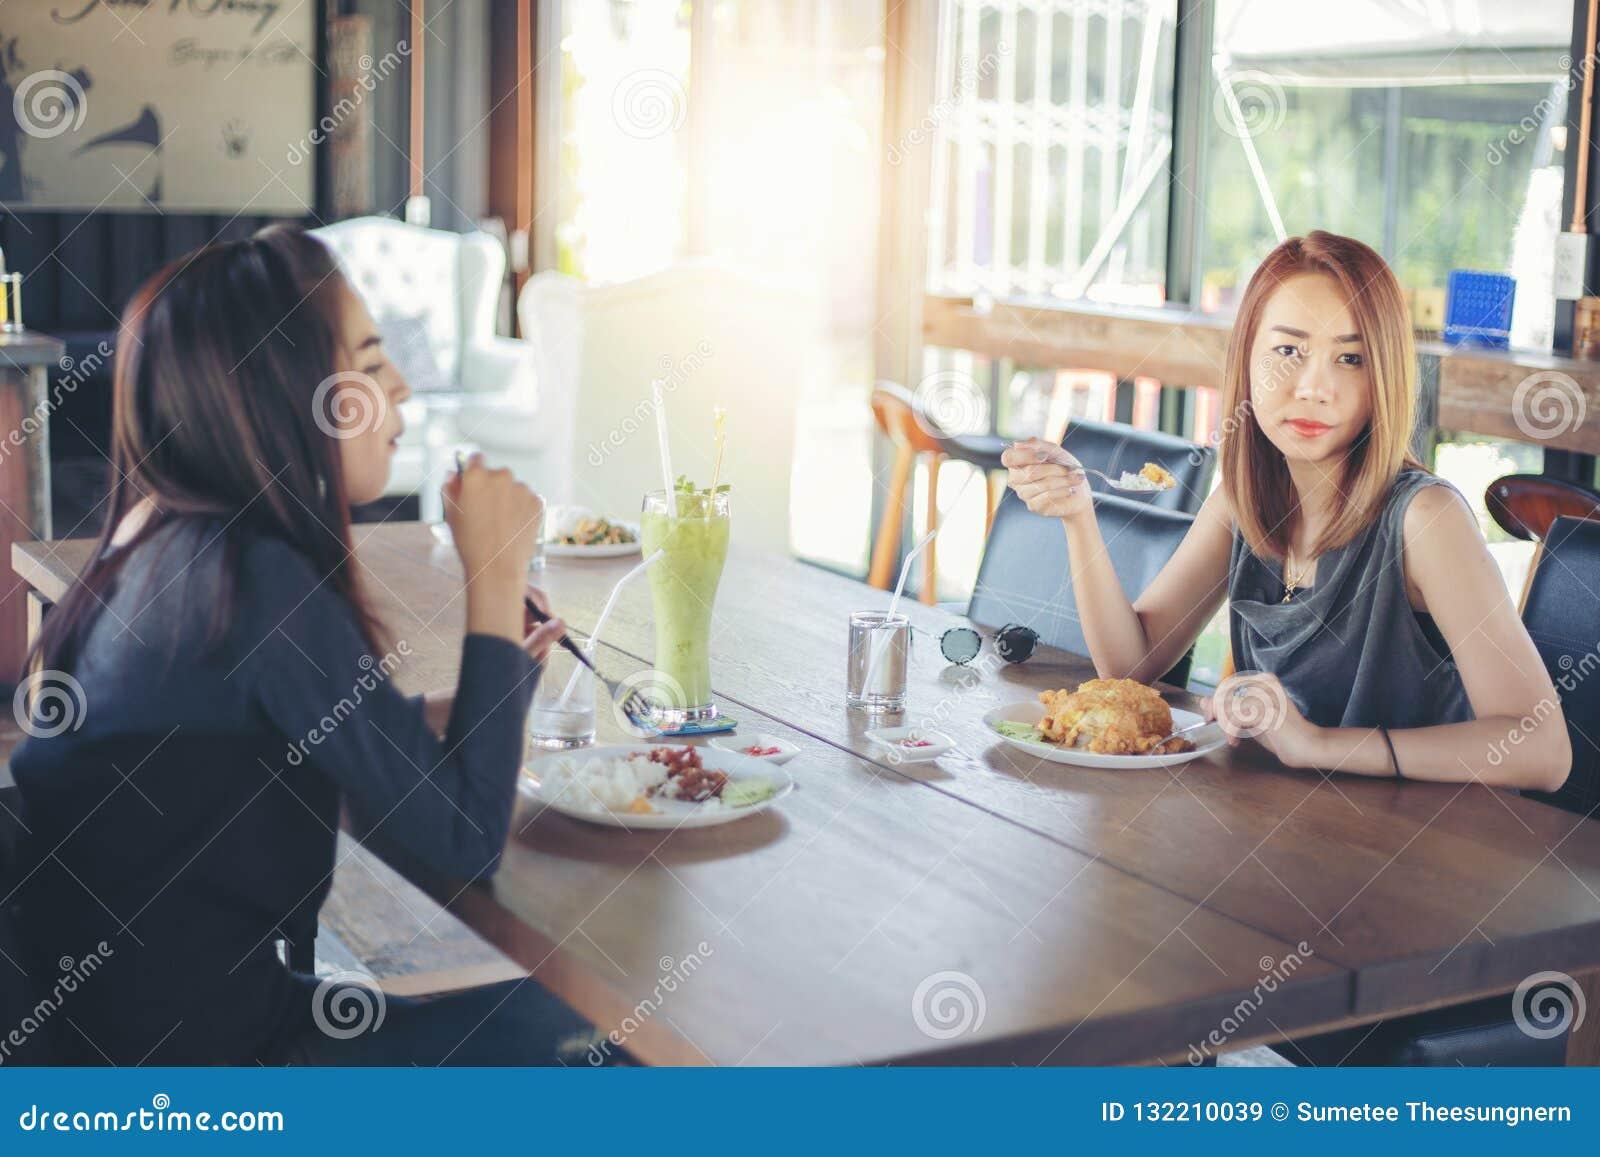 Två unga kvinnliga vänner skrattar och ha lunch tillsammans på Rest